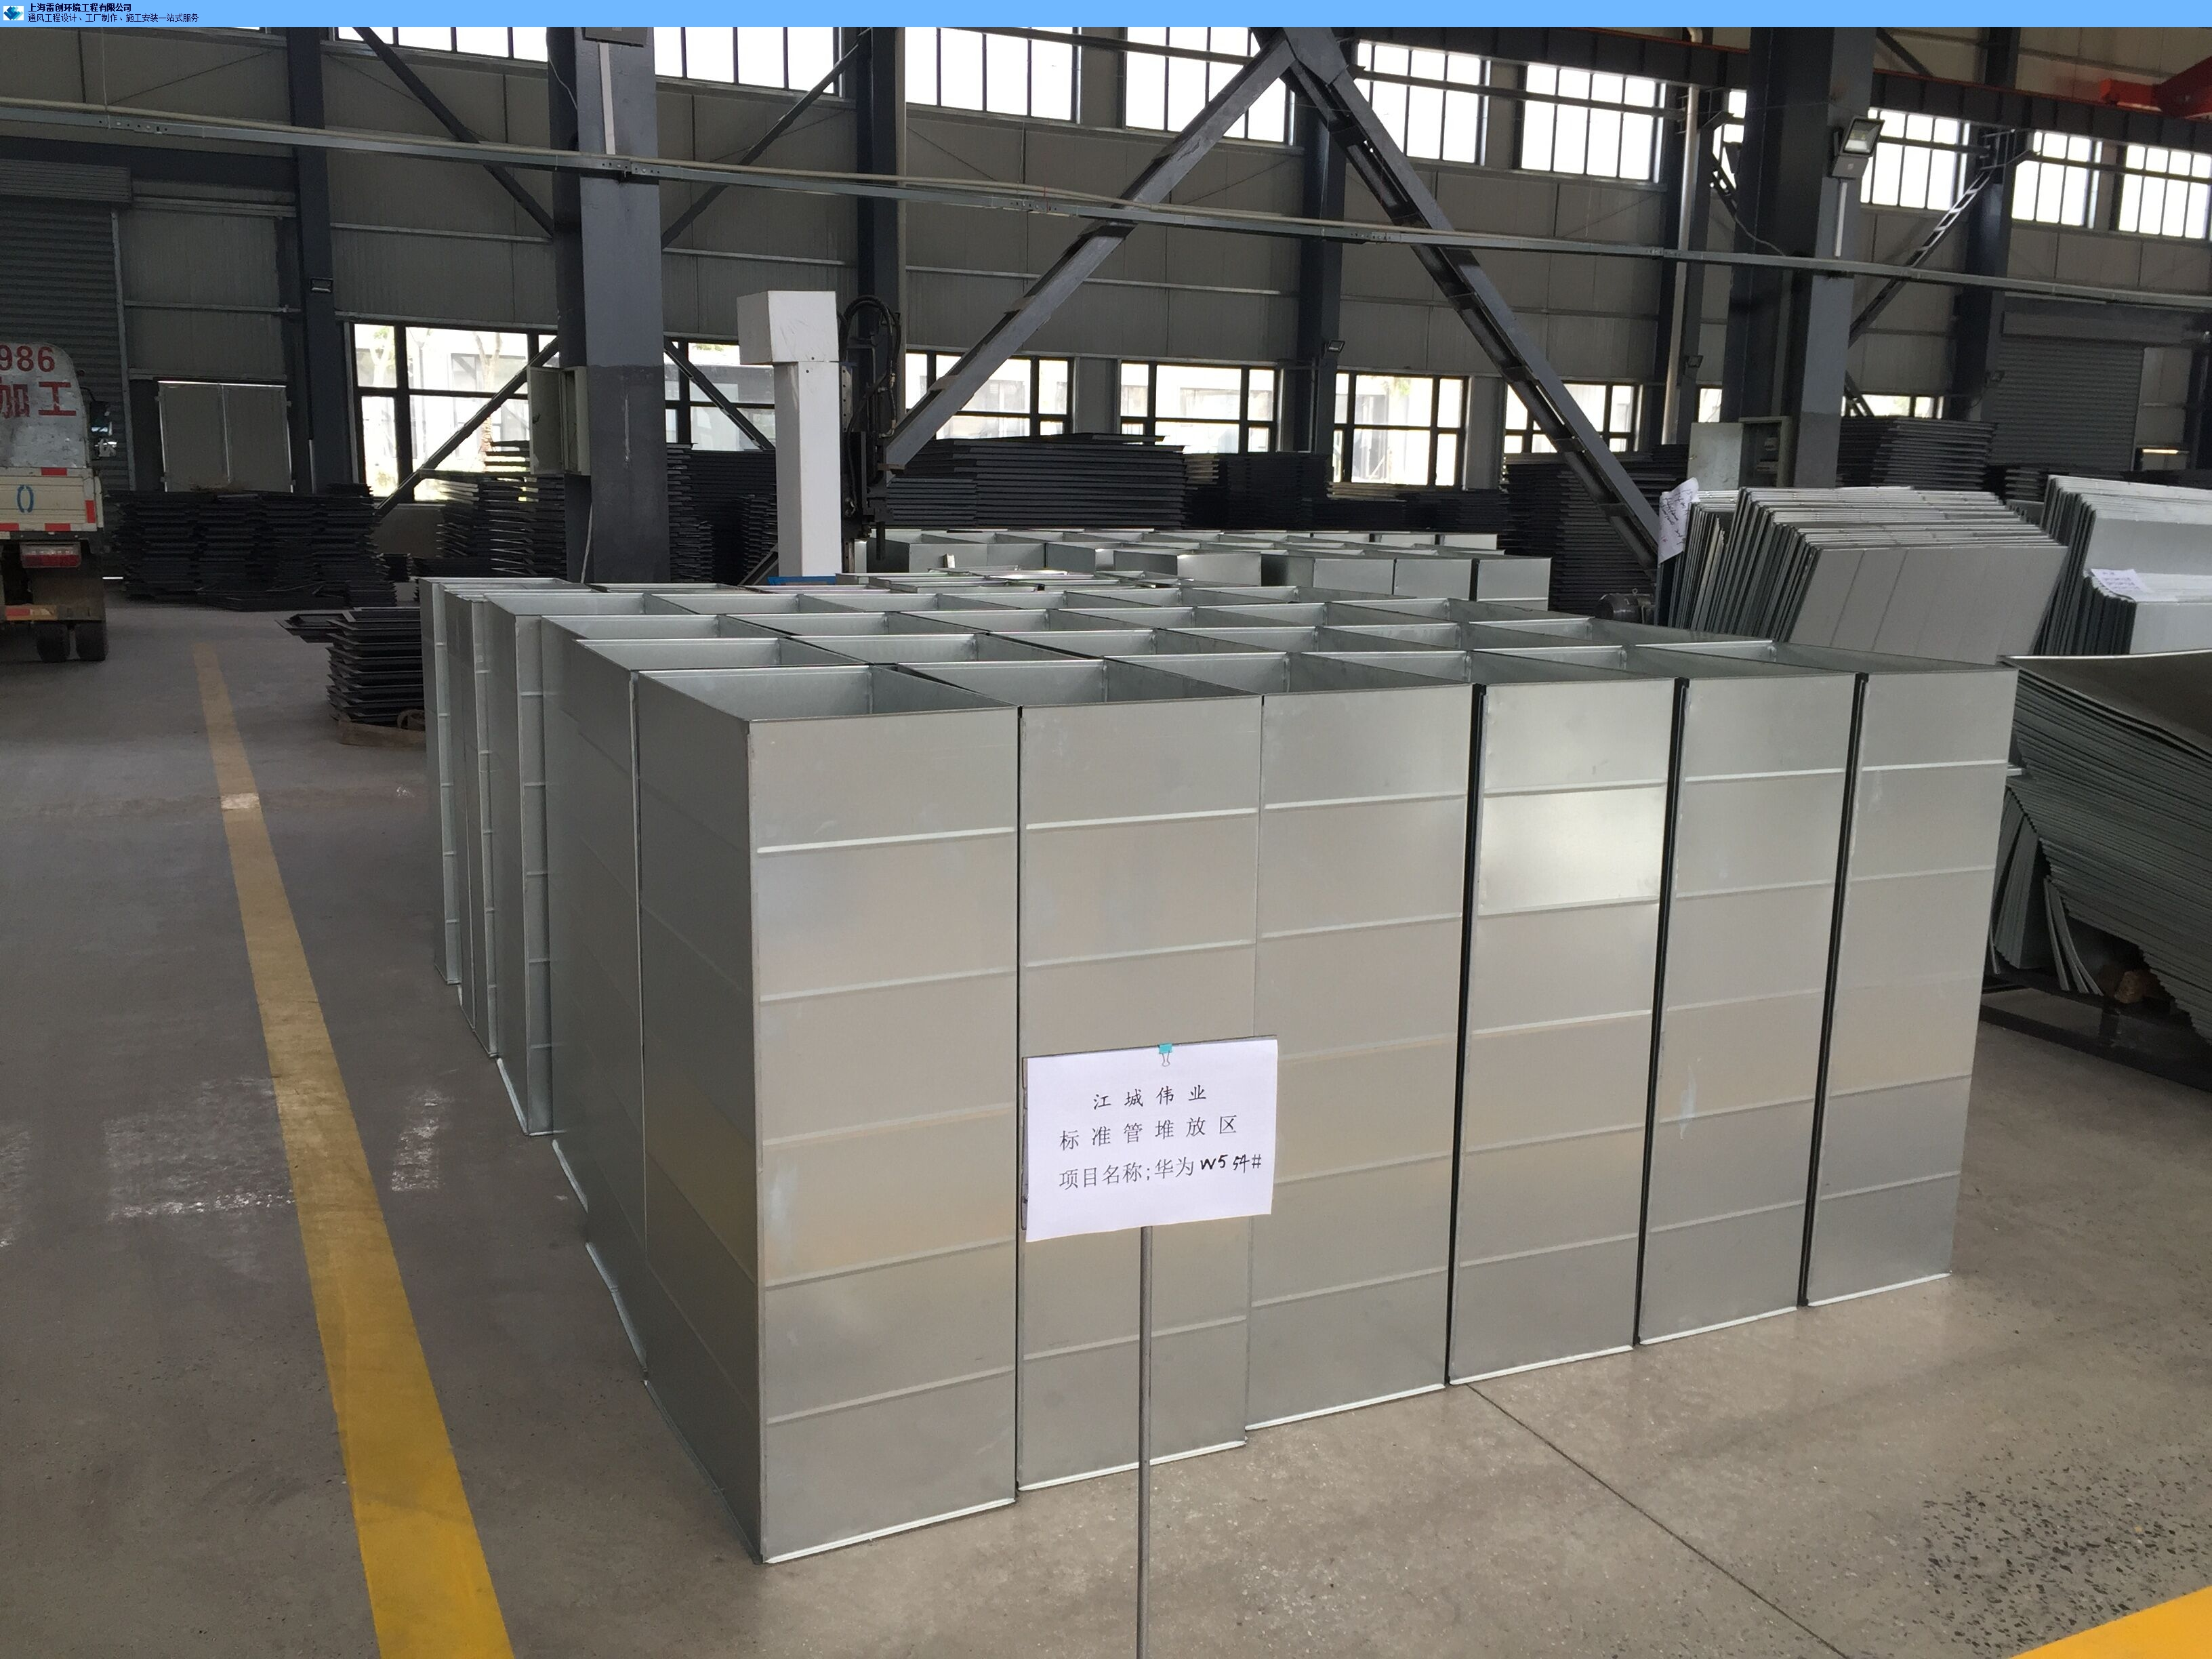 供应上海市镀锌共板风管生产厂家上海雷创环境工程供应